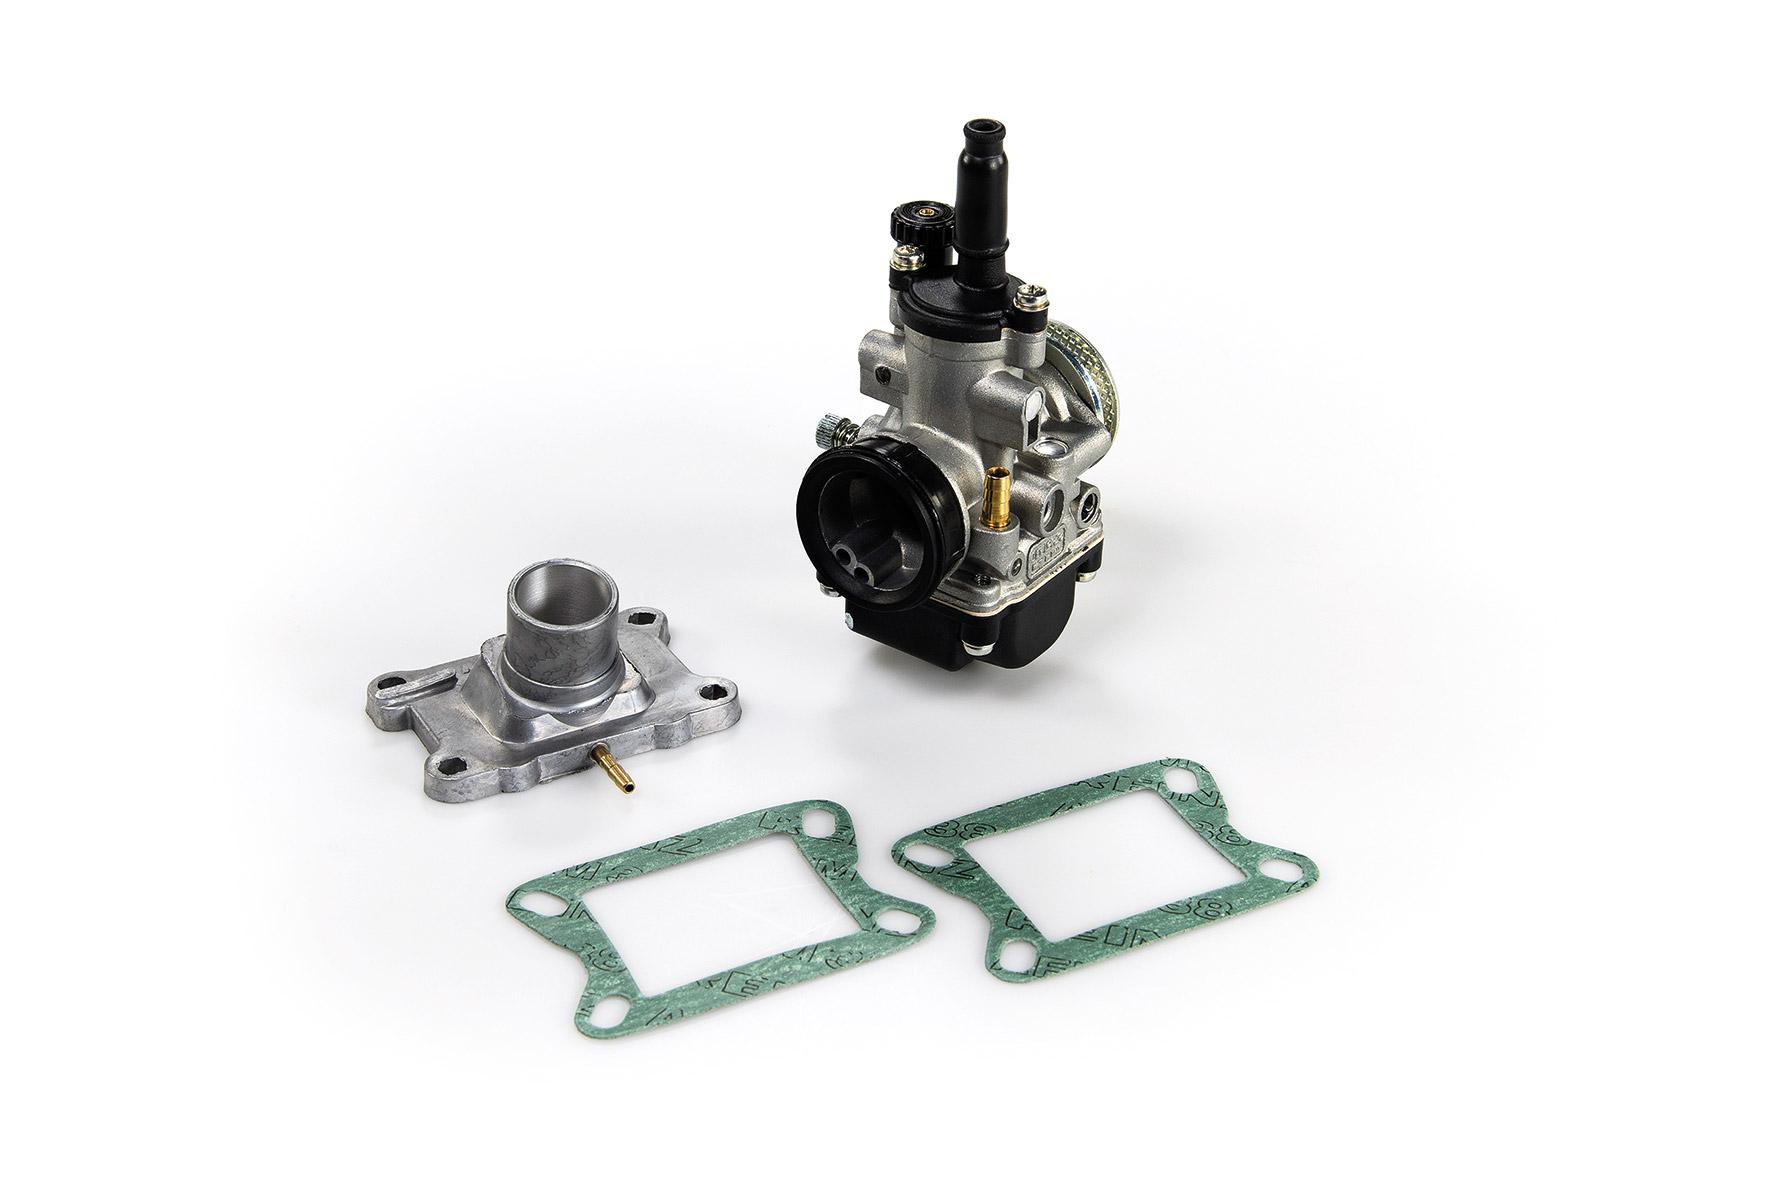 Impianto alimentazione PHBG 21 per Honda MTX - NSR 50 cc